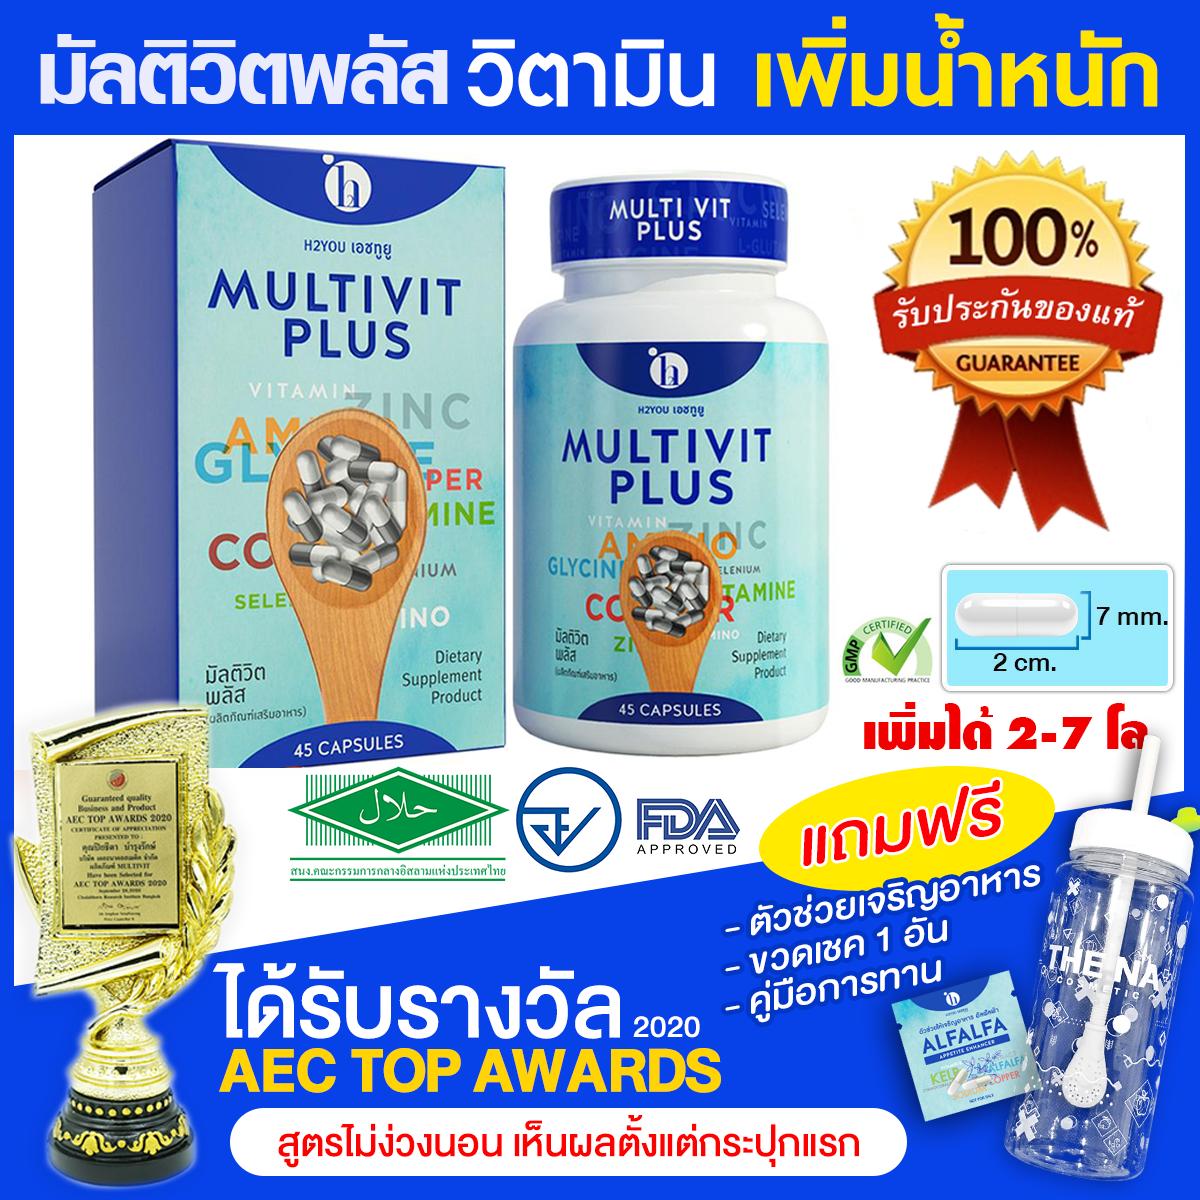 แนะนำ MultivitPlus เพิ่มน้ำหนัก 1 เดือน 45 แคปซูลเพิ่มได้โดยเฉลี่ย 2-7 โล เบื่ออาหาร ไม่ชอบกินข้าว แนะนำมัลติวิตพลัส ยืน1เรื่องเพิ่มน้ำหนัก 1 กระปุกเริ่มเห็น อยากอ้วนทำไงดี เบื่อผอม วิตามินเพิ่มน้ำหนัก วิตามินหิวข้าว ตัวช่วยหิวข้าว ตัวช่วยเจริญอาหาร